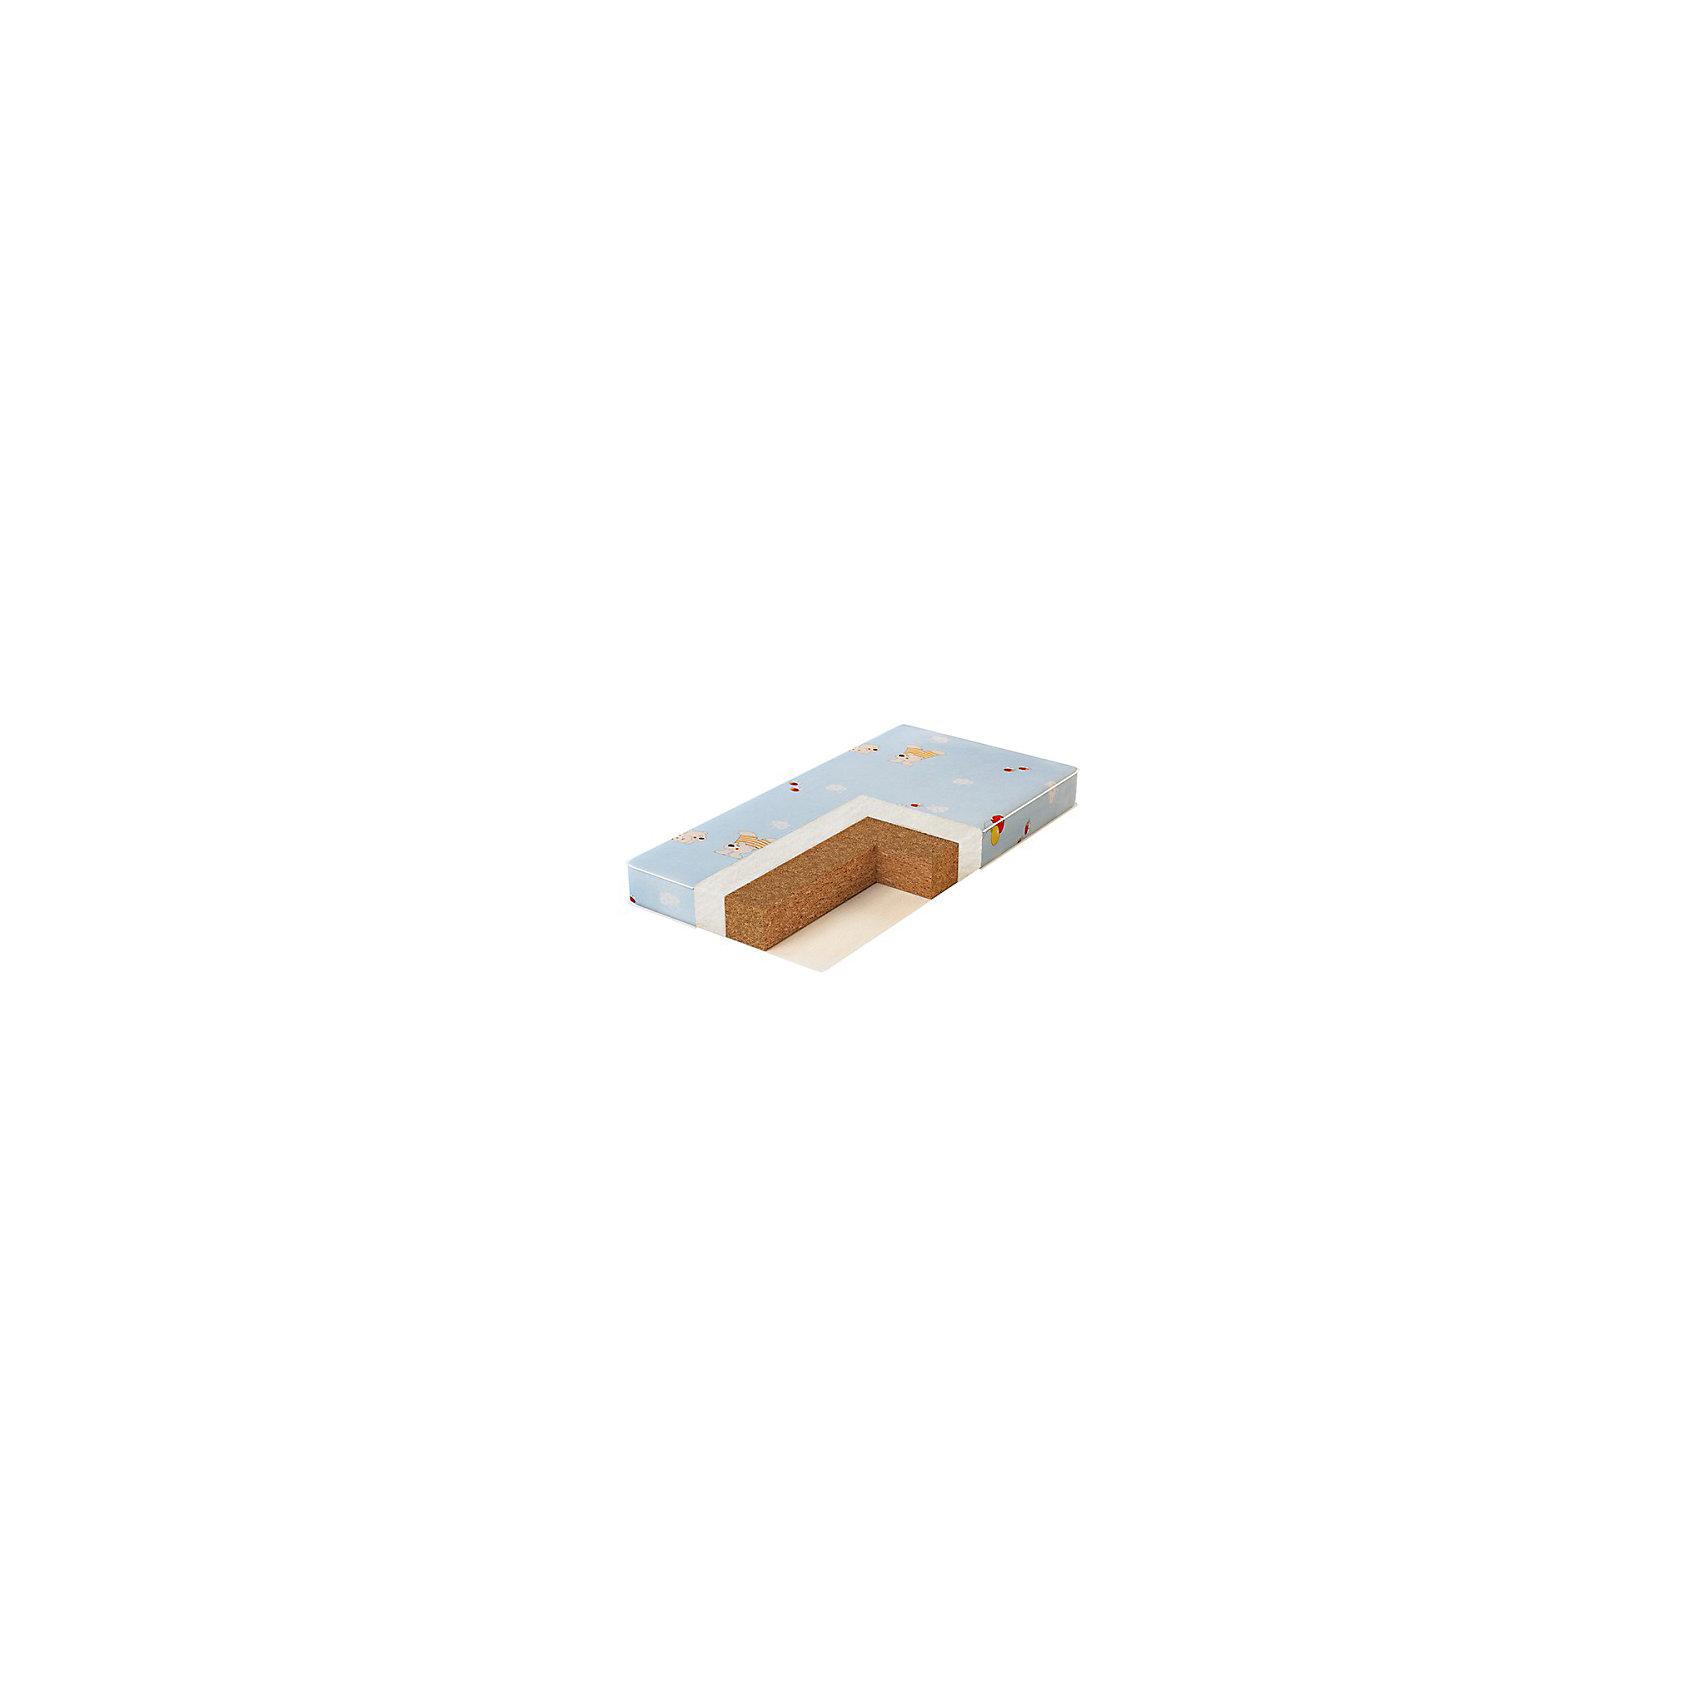 Матрац Ю-119-11 Юниор, Plantex, 1190х600х110 ммЮниор, Plantex,  - детский двухсторонний матрас со средней степенью жесткости.  Изготовлен из кокосовой койры, обладающей прочностью, долговечностью и эластичностью, также она абсолютно гипоаллергенна, воздухопроницаема и влагоустойчива и обеспечивает правильное развитие позвоночника малыша. Настилочный материал Airotek экологически чистый и гипоаллергенный. Съемный чехол на молнии – бязь, 100% хлопок. . Все материалы высокого качества, с ними вы сможете подарить ребенку комфортный и безопасный сон.<br>Особенности и преимущества:<br>-гипоаллергенный, долговечный материал,<br>-матрас можно использовать с рождения<br>-позволяет сформировать правильную осанку у малыша<br>-легко чистить<br>Материалы: кокосовая койра, хлопок, airotek<br>Размеры: 119x60x11 см<br>Вес: 3 кг<br>Вы можете приобрести матрас «Юниор» в нашем интернет-магазине.<br><br>Ширина мм: 1190<br>Глубина мм: 600<br>Высота мм: 110<br>Вес г: 3000<br>Возраст от месяцев: 0<br>Возраст до месяцев: 36<br>Пол: Унисекс<br>Возраст: Детский<br>SKU: 4905323